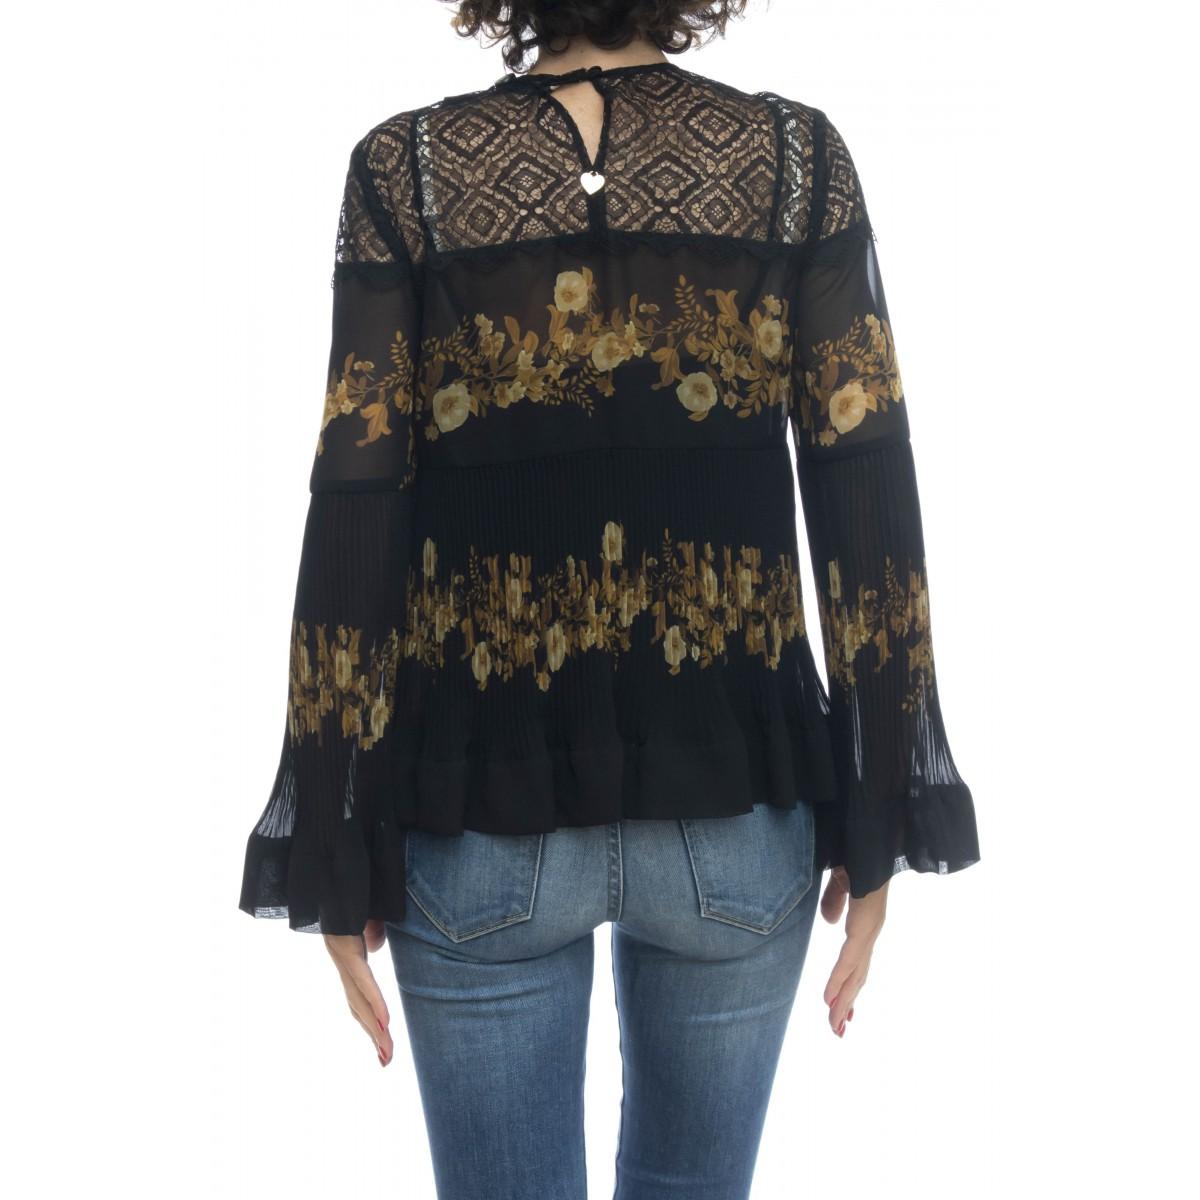 Camicia donna - Tt2540 camicia stampa fiori